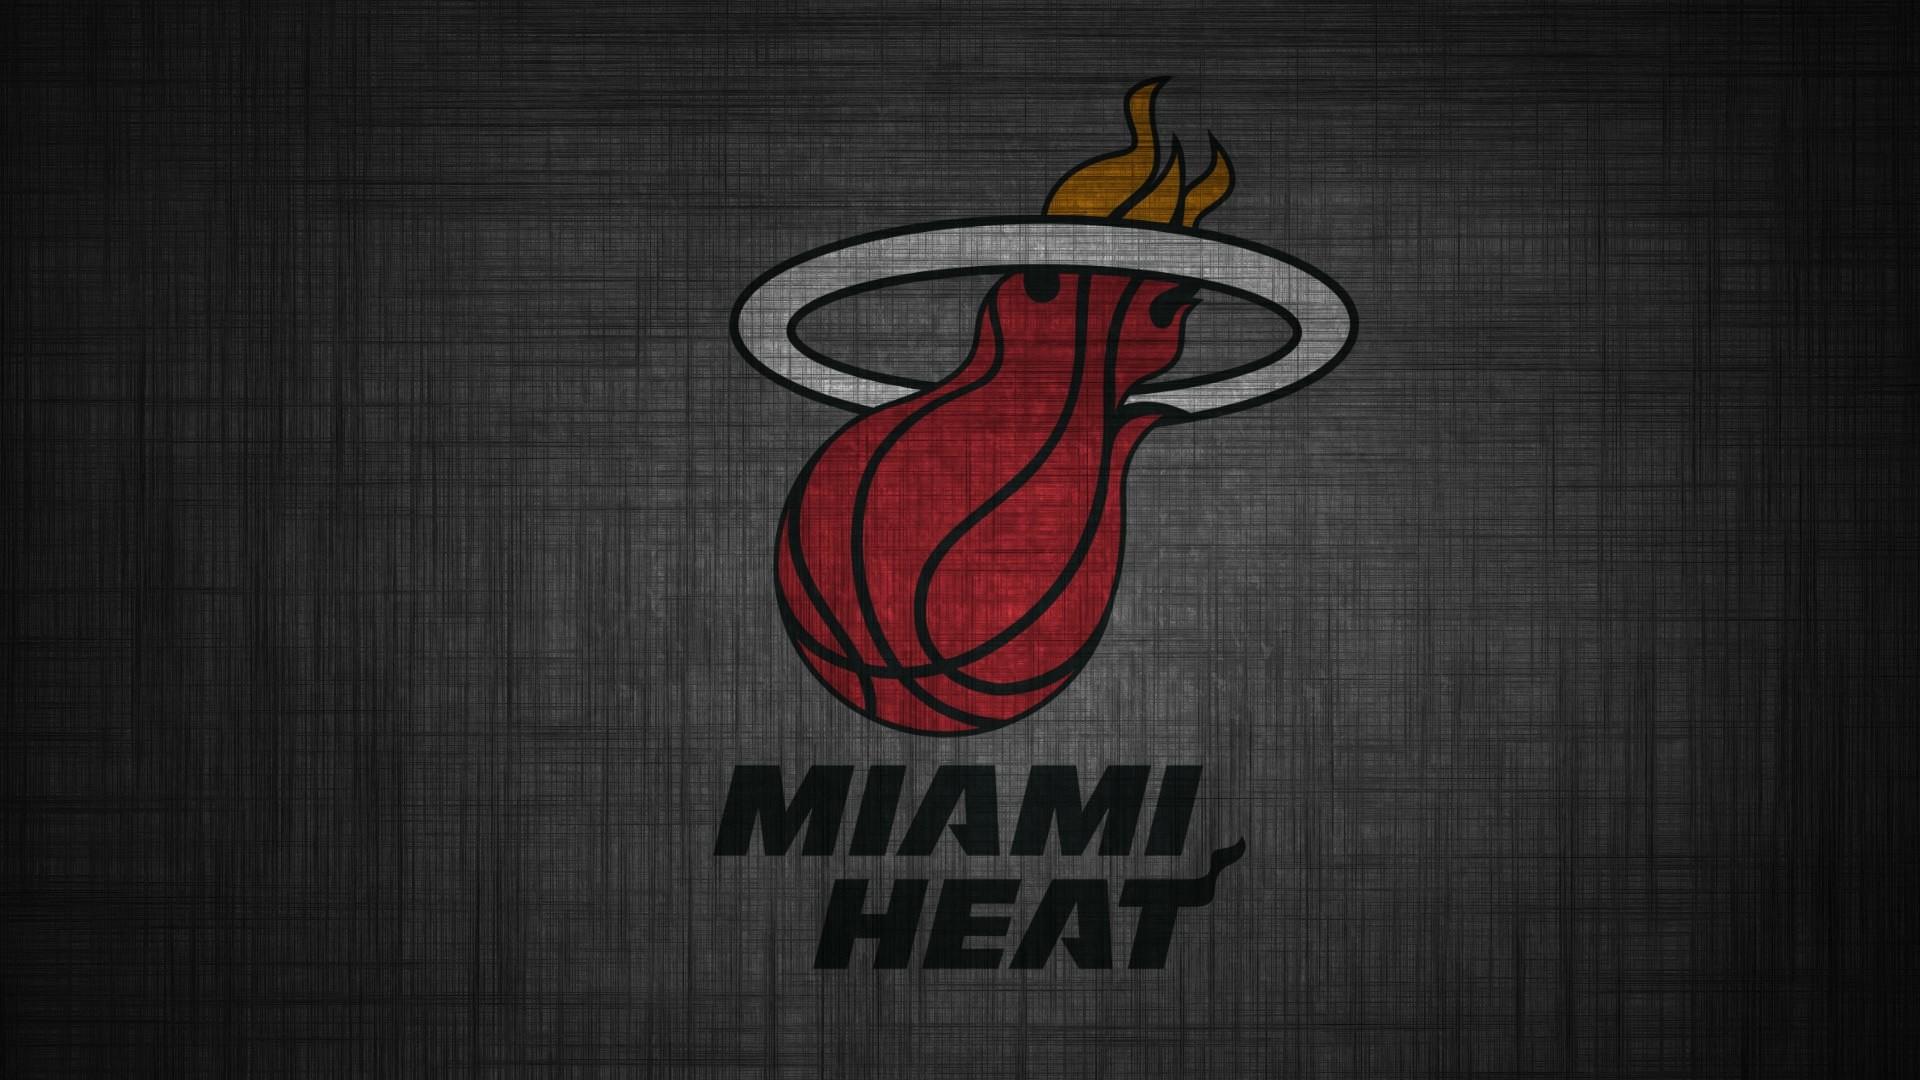 MM-92: Miami Heat Wallpapers for Desktop